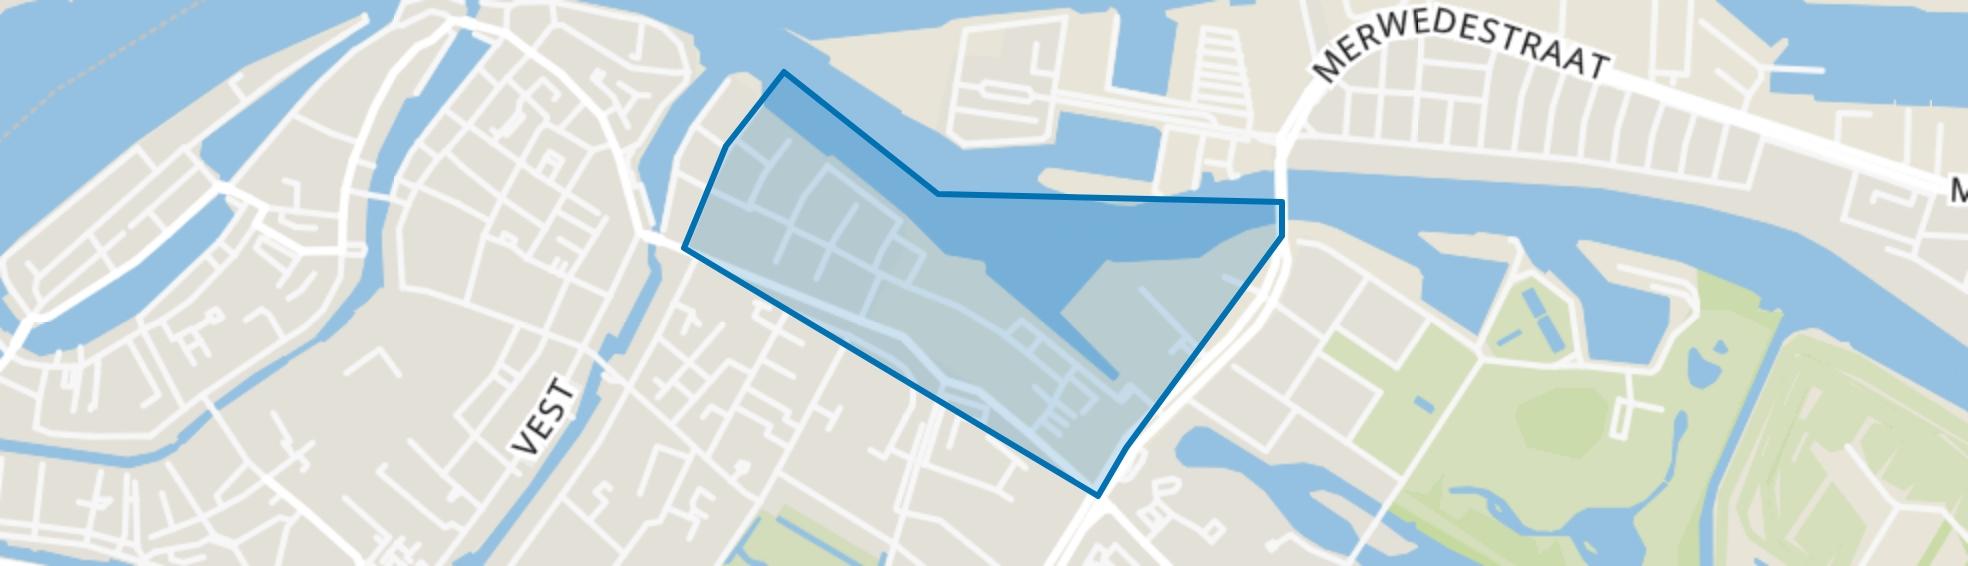 Lijnbaan, Dordrecht map